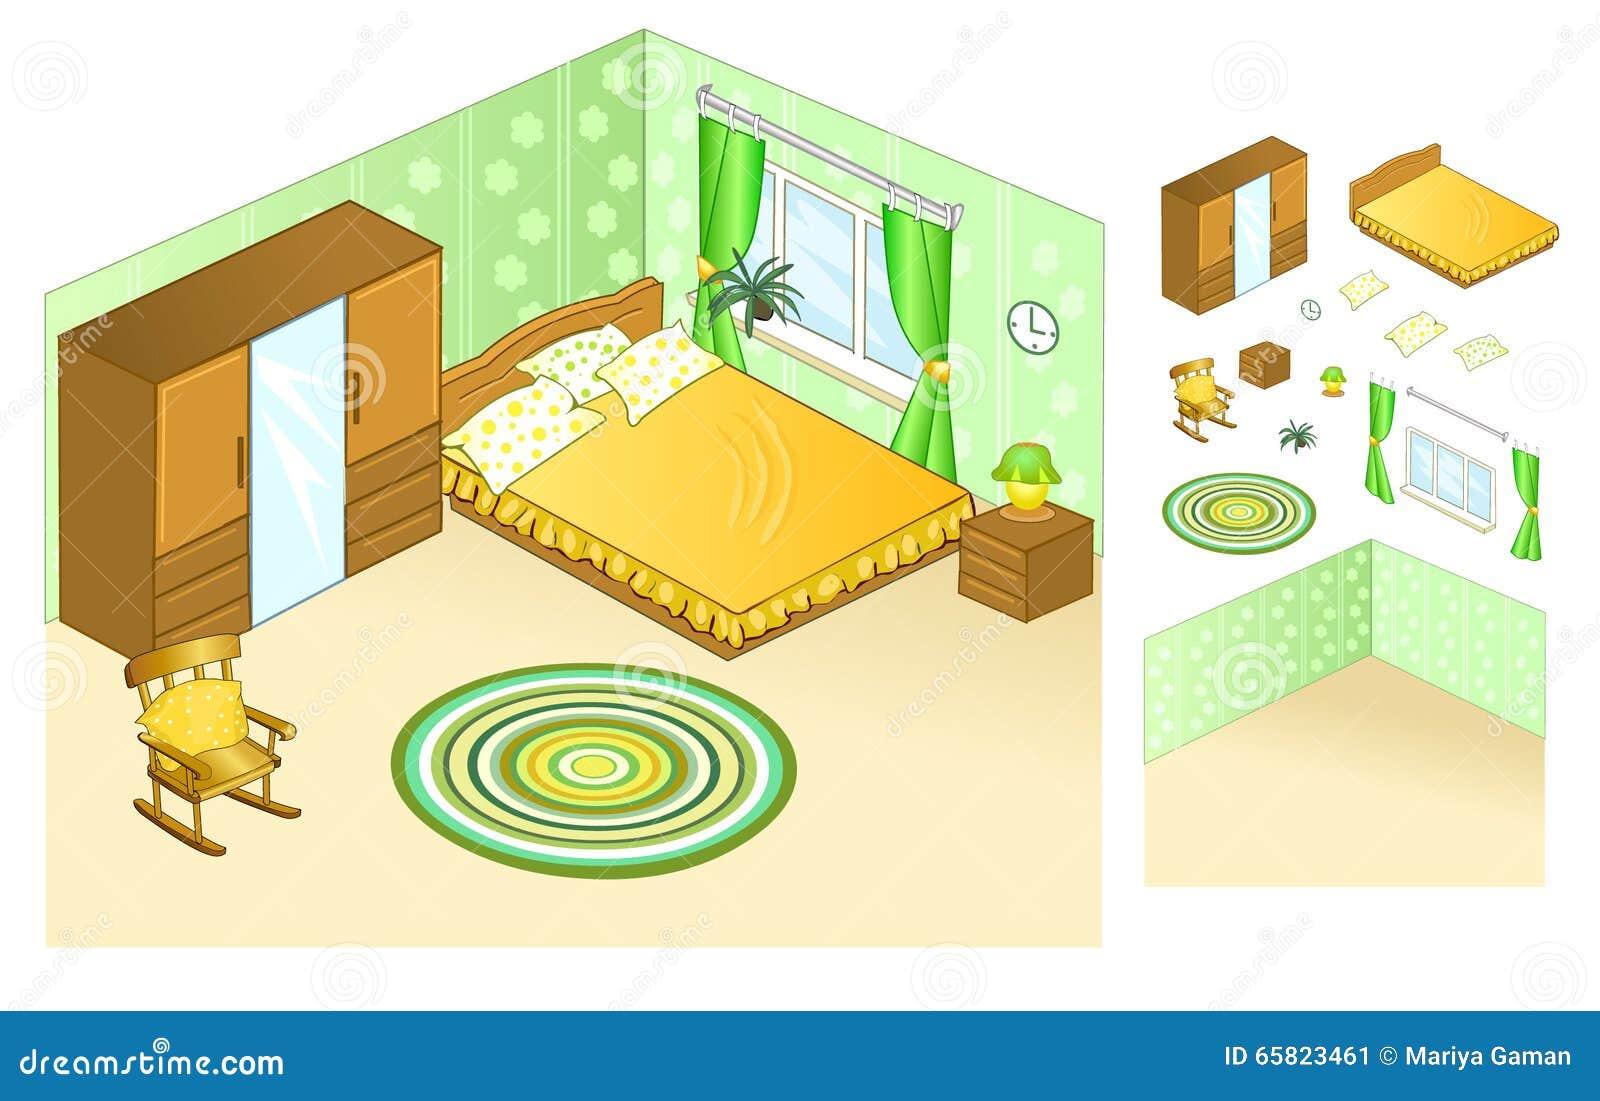 Innenraum Der Wohnung Schlafzimmer Bett Mit Kissen Am ...